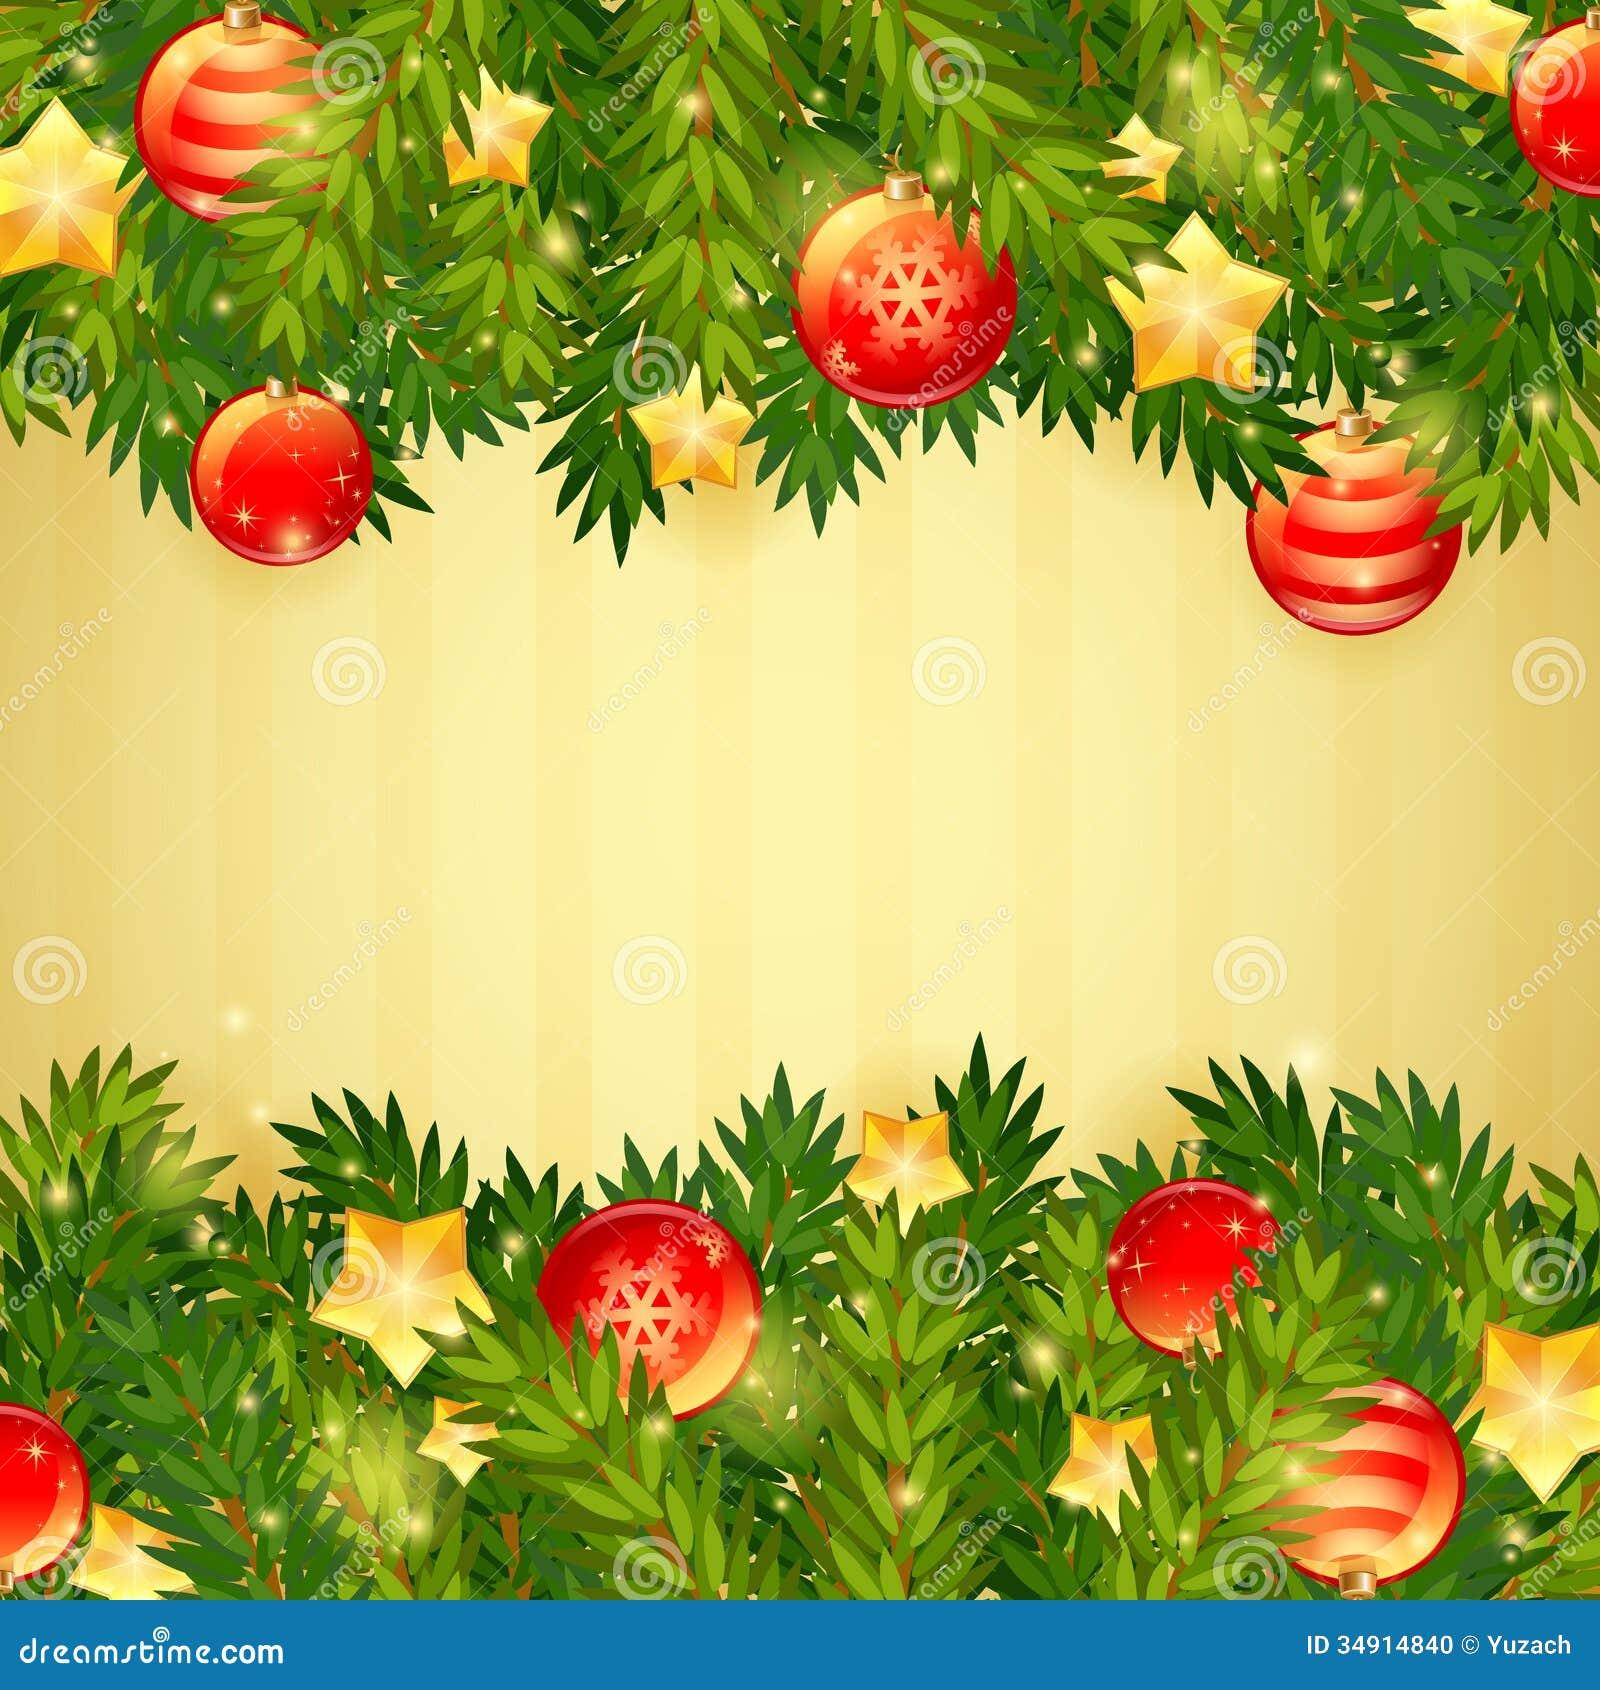 Rbol de navidad estrellas y tarjeta festiva de las bolas - Arbol de navidad de bolas ...